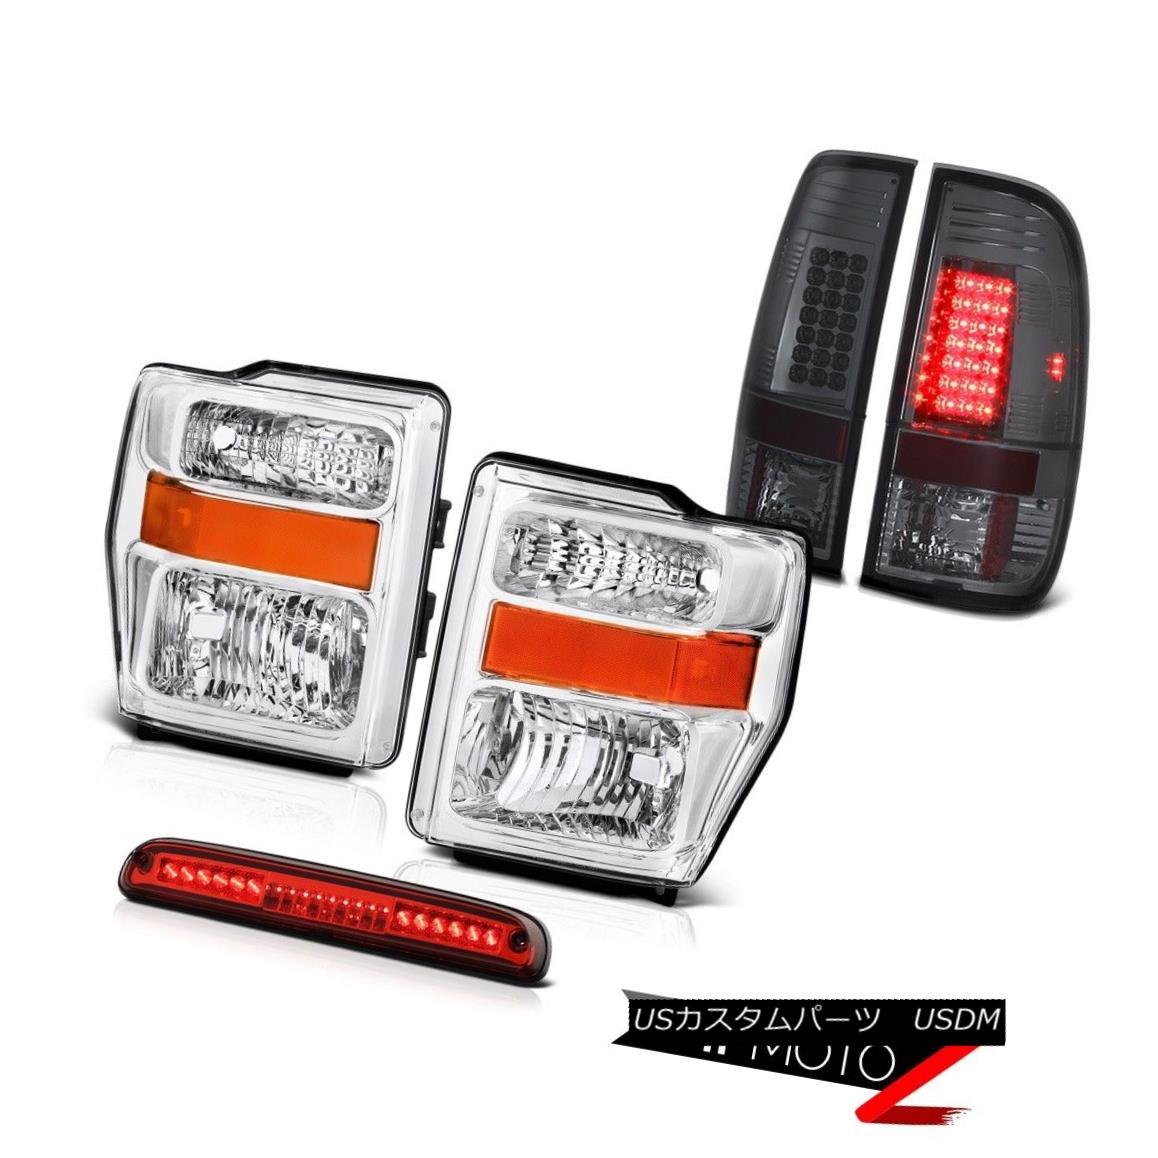 ヘッドライト Pair Chrome Headlight 08 09 10 F350 6.8L L.E.D Tail Lamp Smoke Red 3rd Brake LED ペアクロームヘッドライト08 09 10 F350 6.8L L.E.Dテールランプスモークレッド第3ブレーキLED